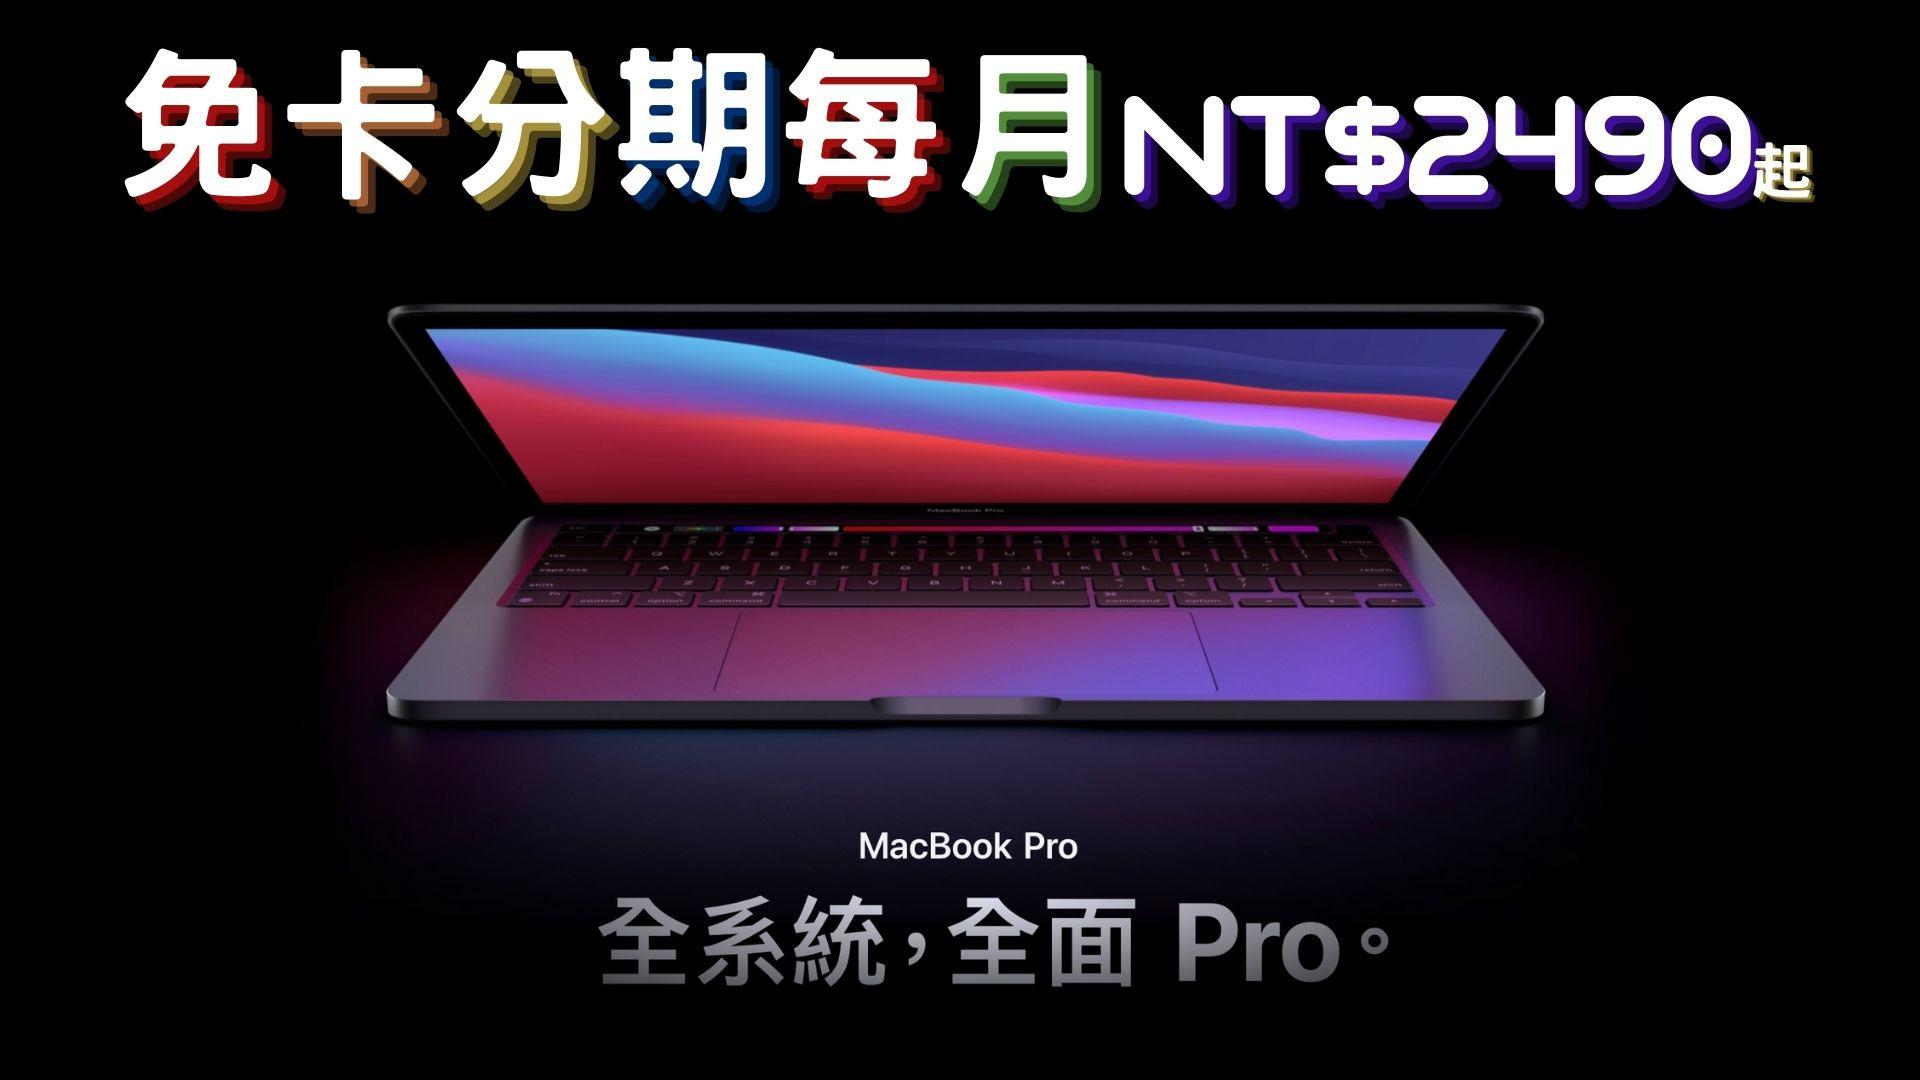 macbook pro 免卡分期